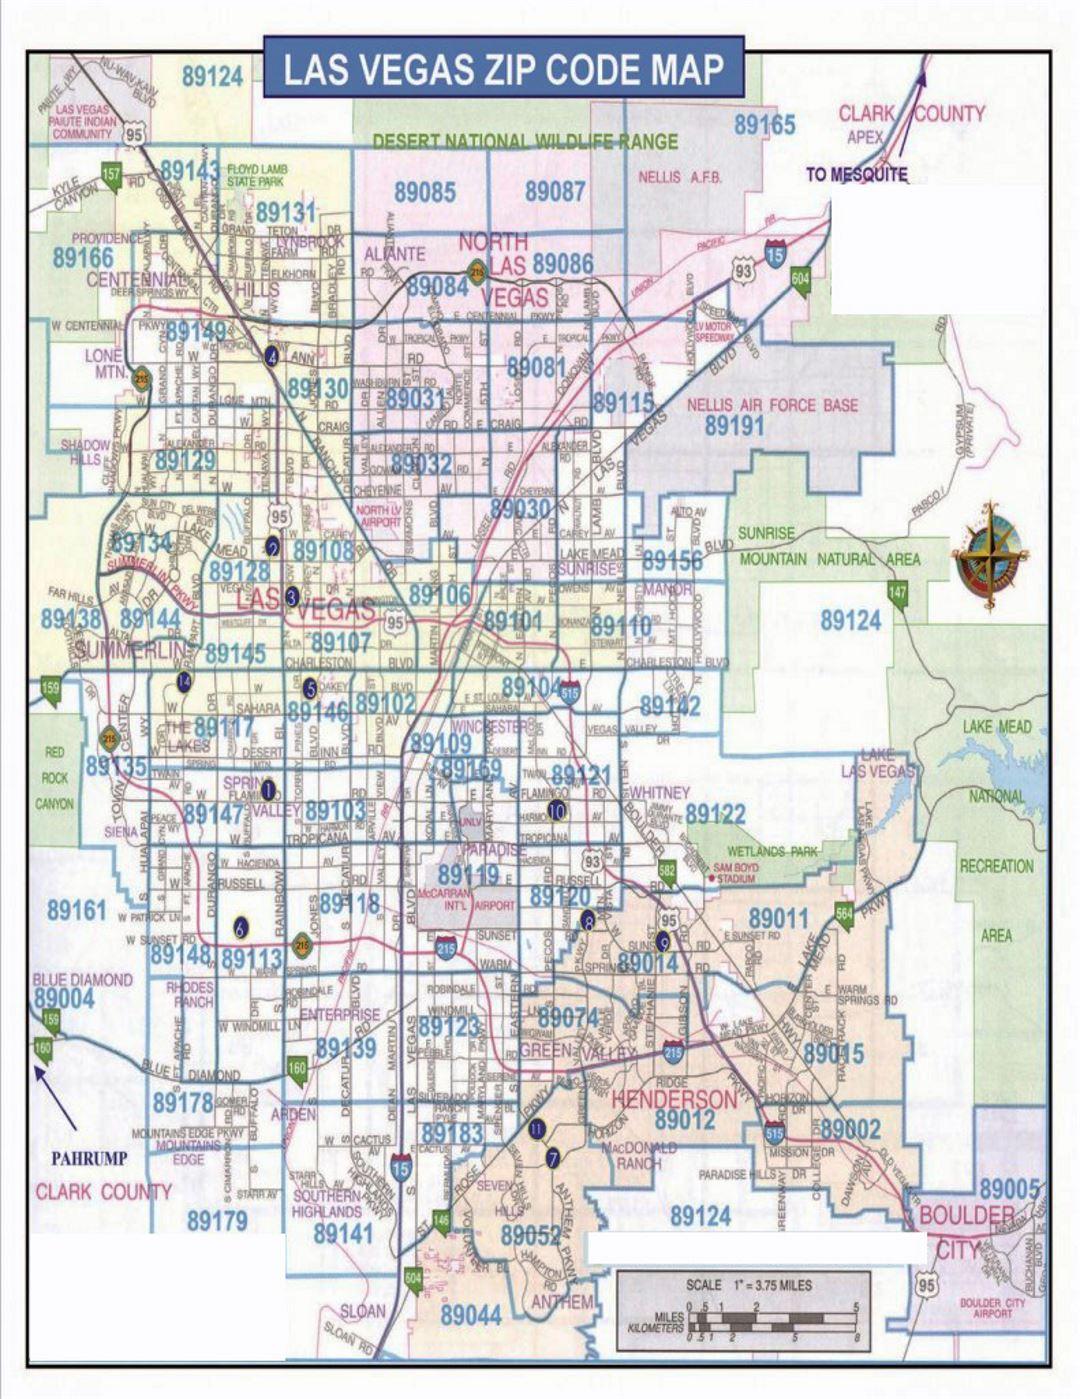 Detailed Las Vegas Zip Code Map Las Vegas Nevada State USA - United states zip code map